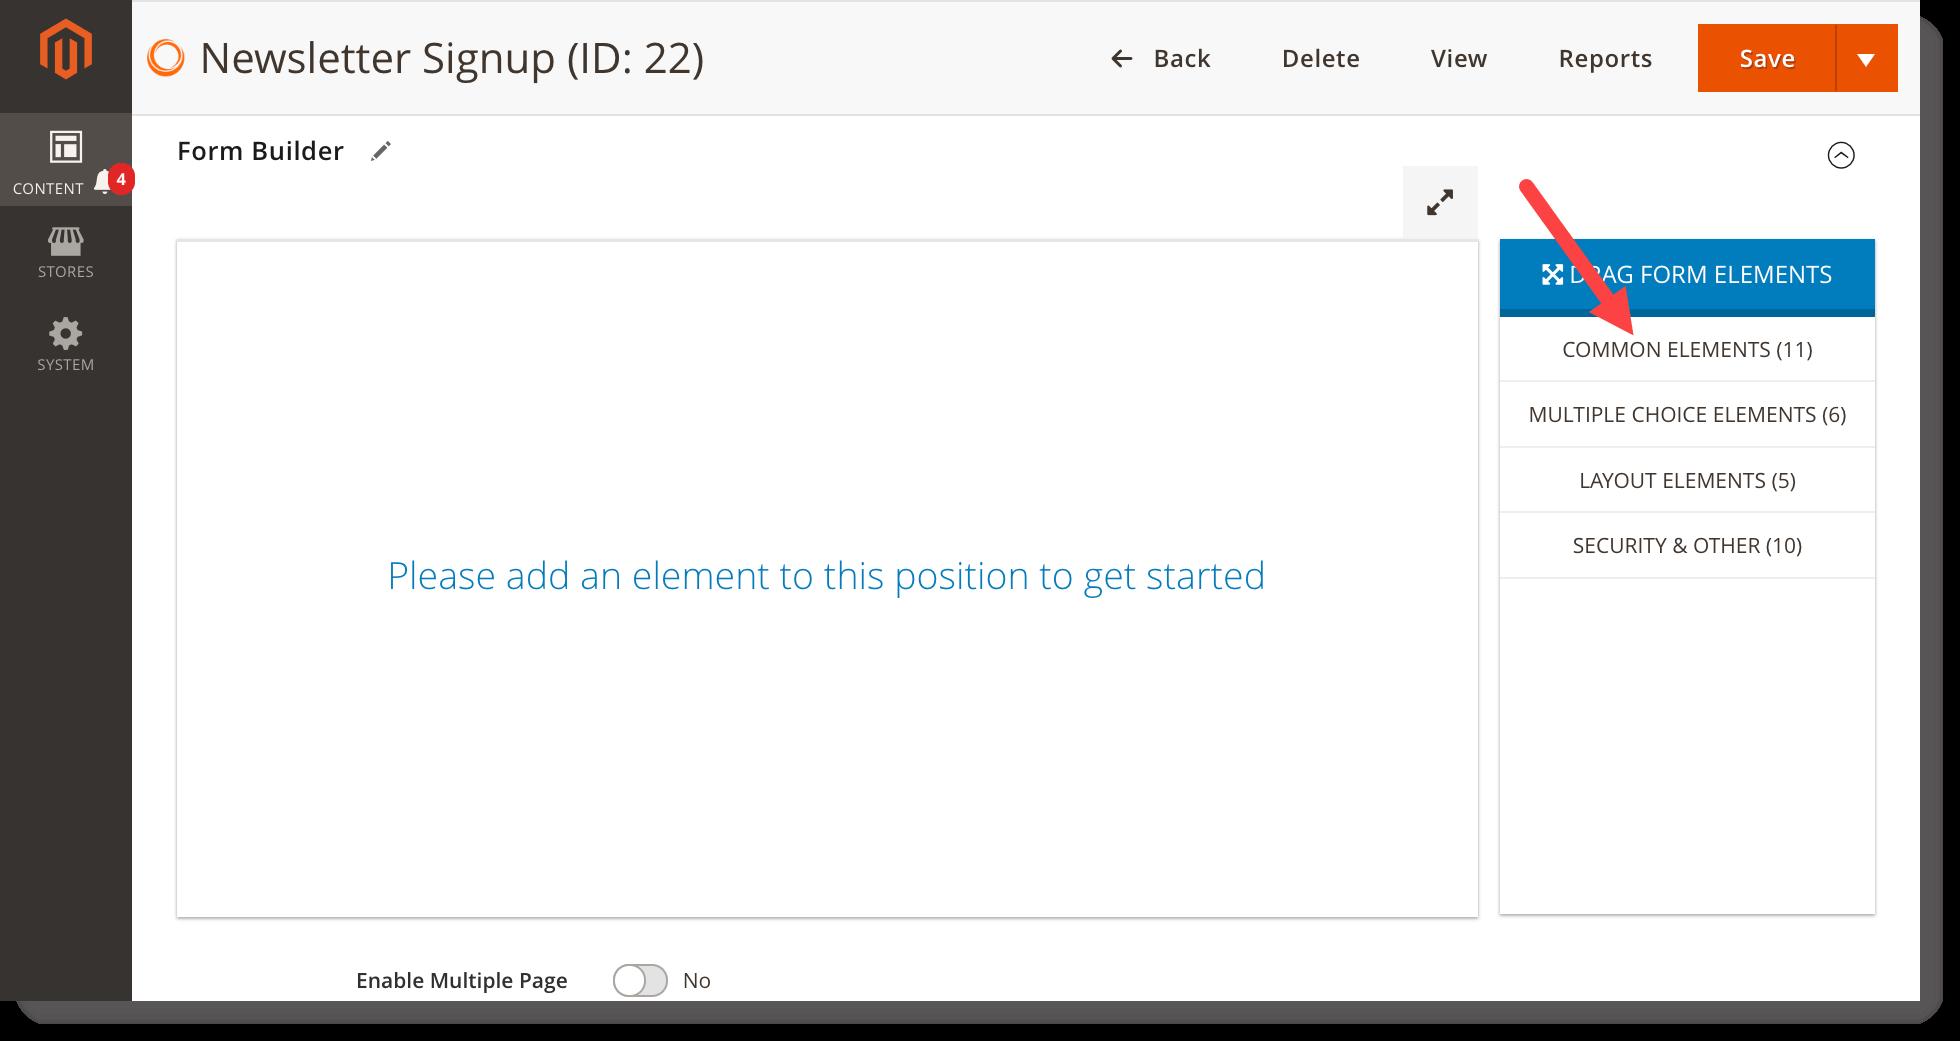 Newsletter signup form _ Form builder